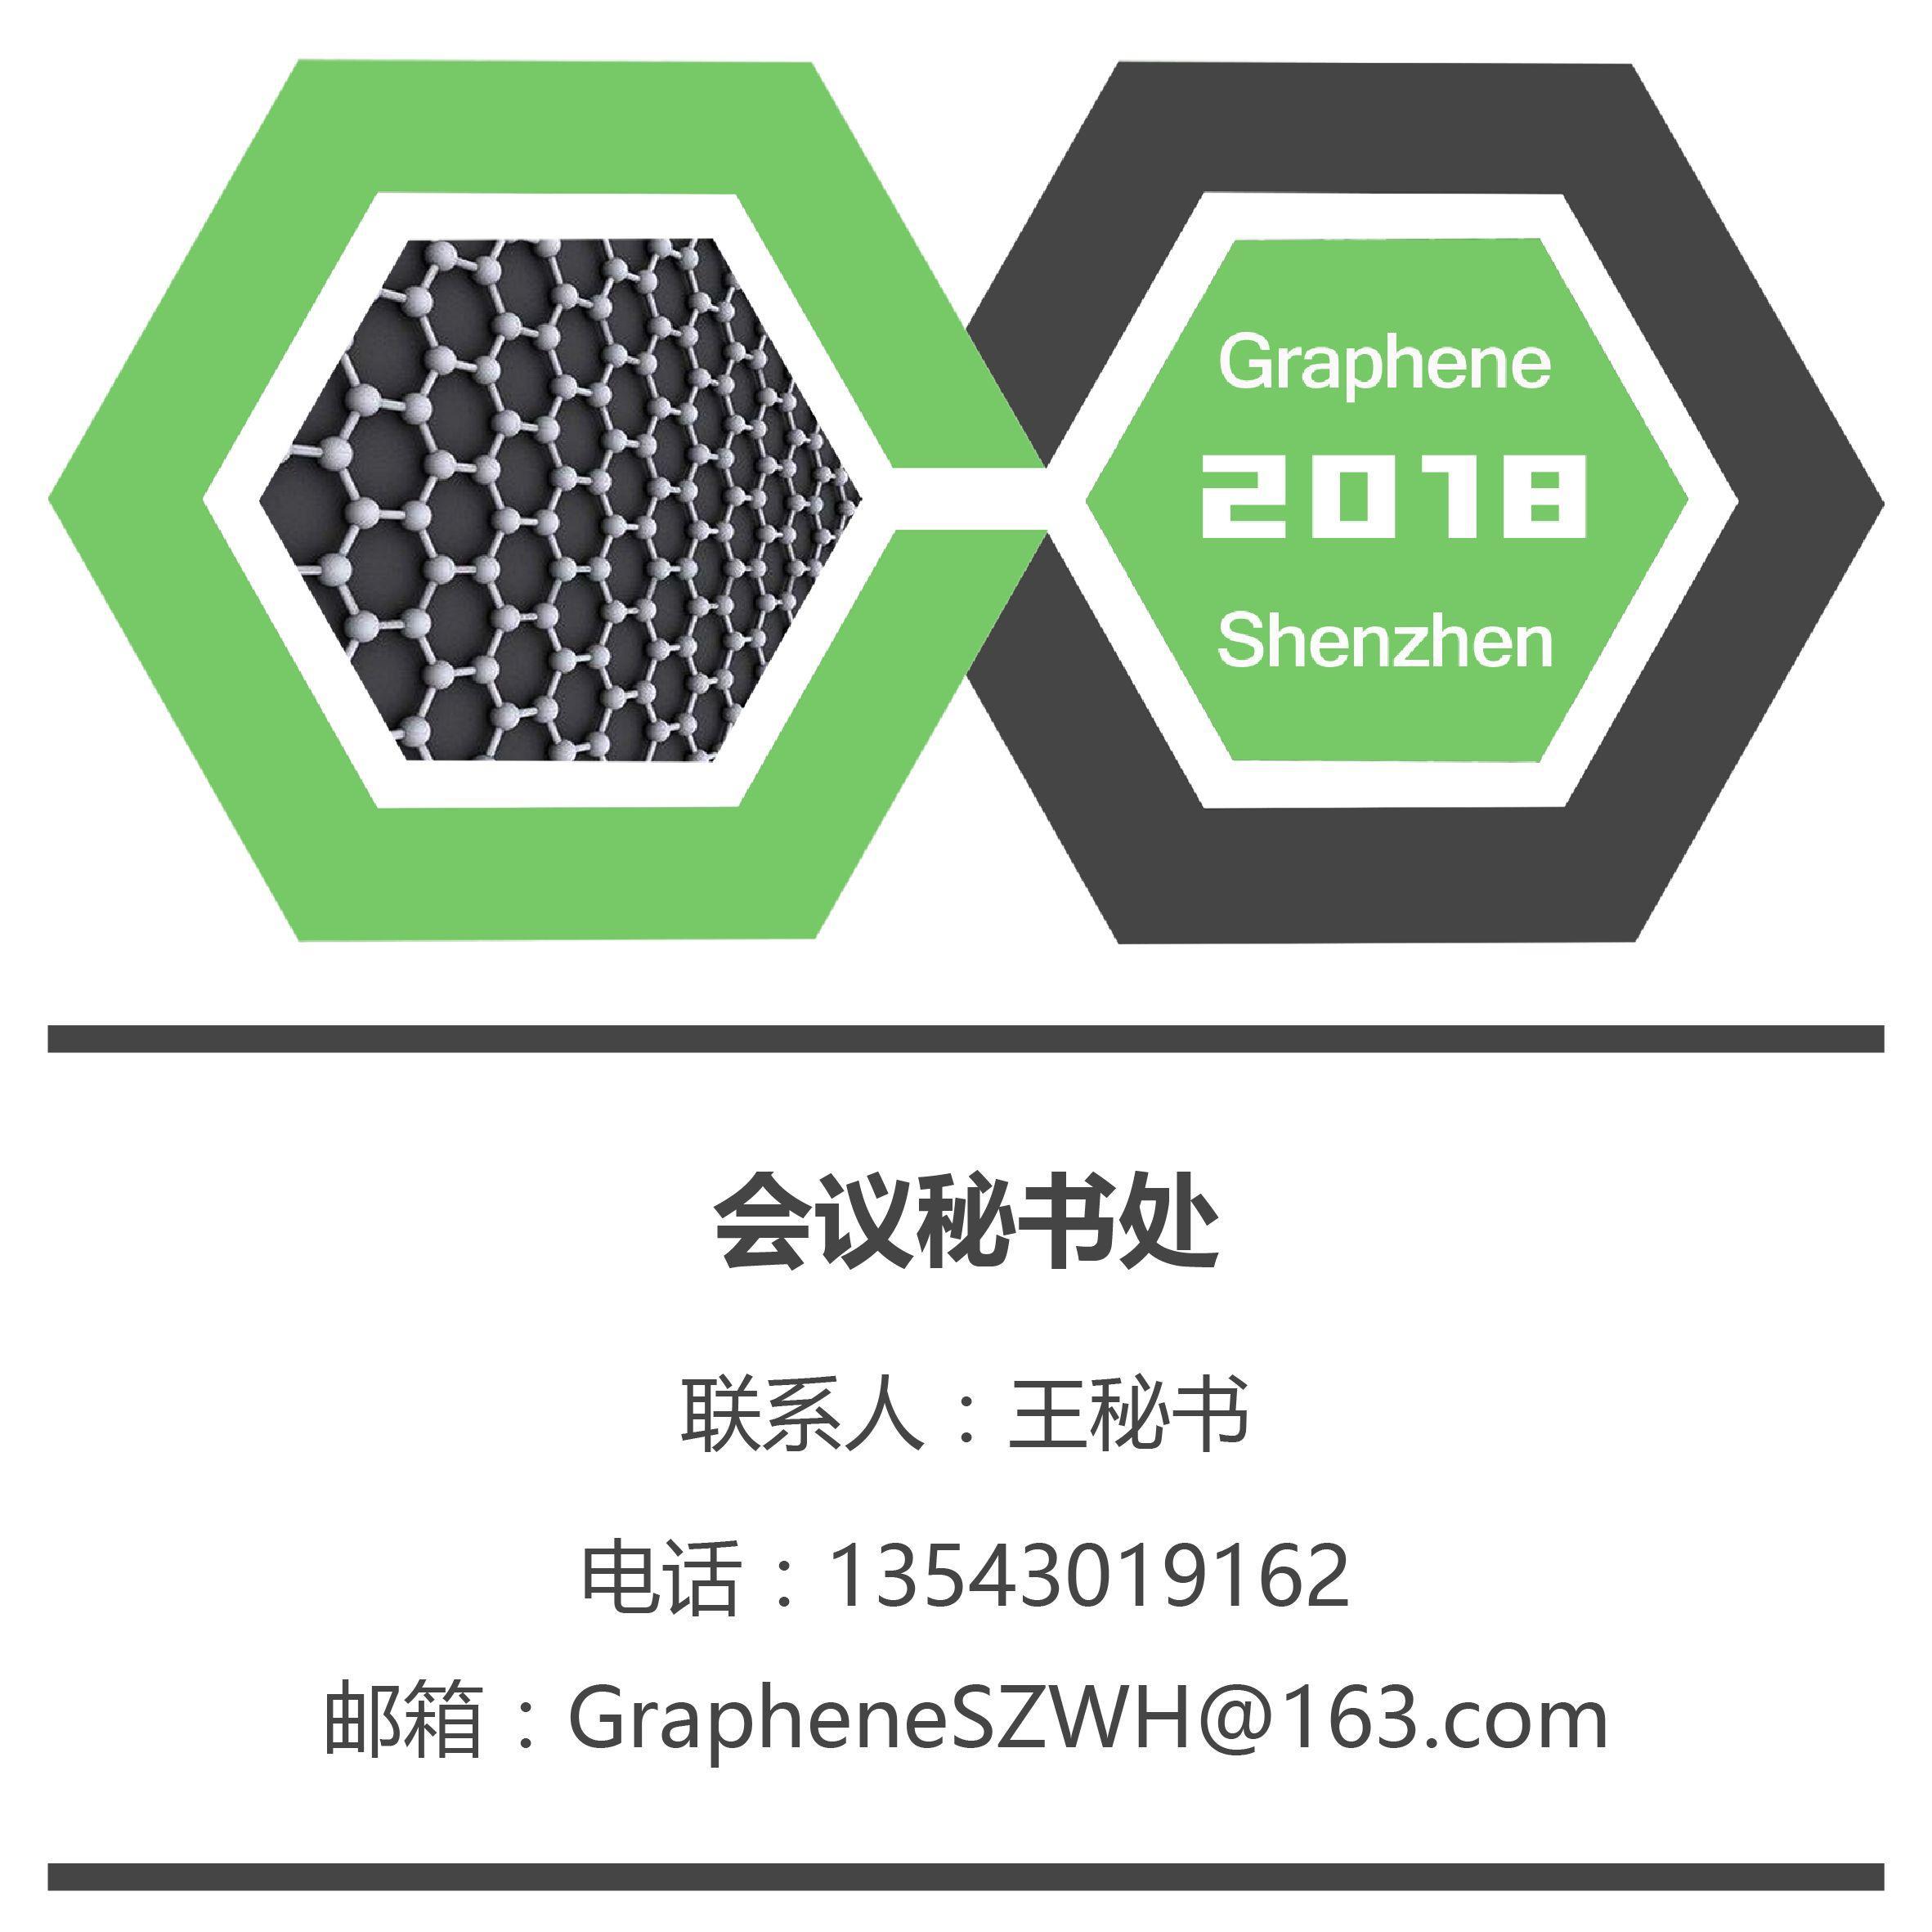 2018第五届深圳国际石墨烯高峰论坛 | 预告篇